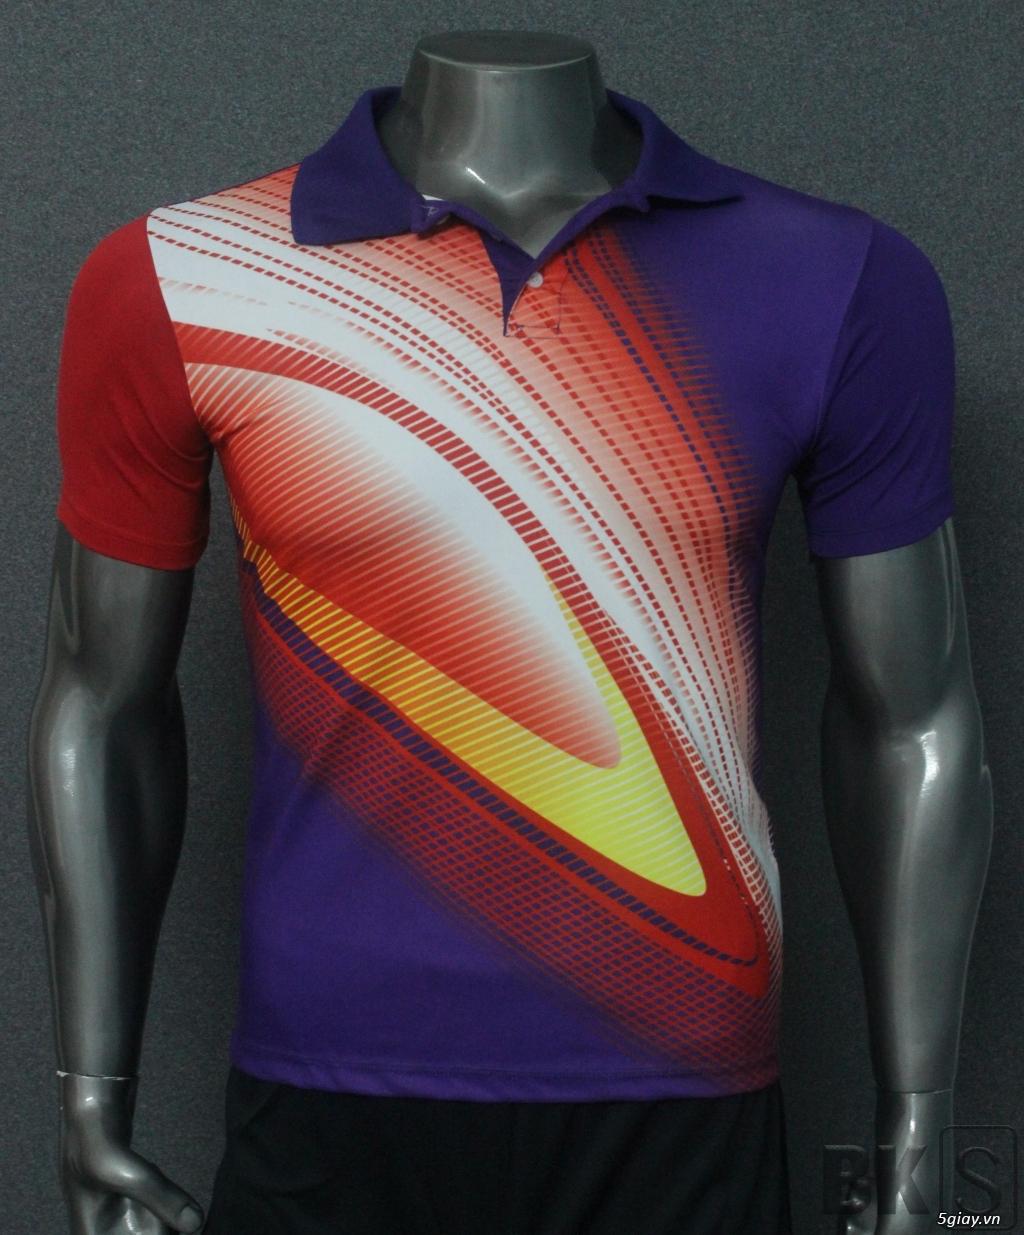 Áo bóng đá HP-địa chỉ gốc sản xuất trang phục thể thao số 1 Việt Nam - 8